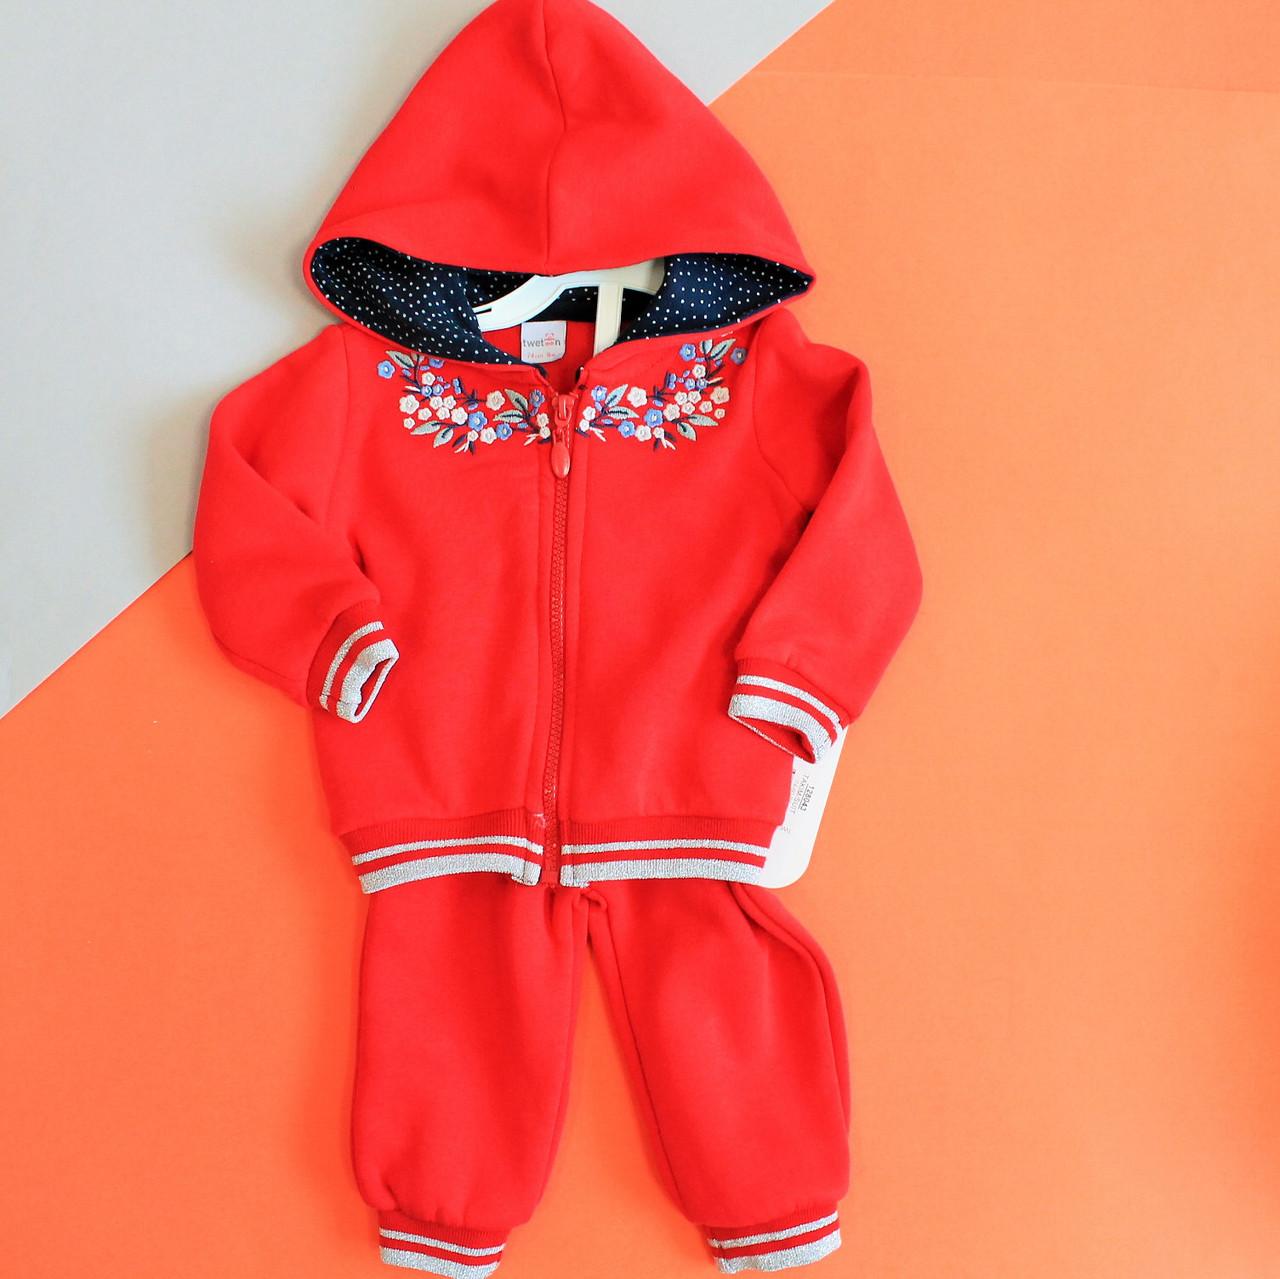 Теплый костюм с начесом для девочки  - Style-Baby детский магазин в Киеве